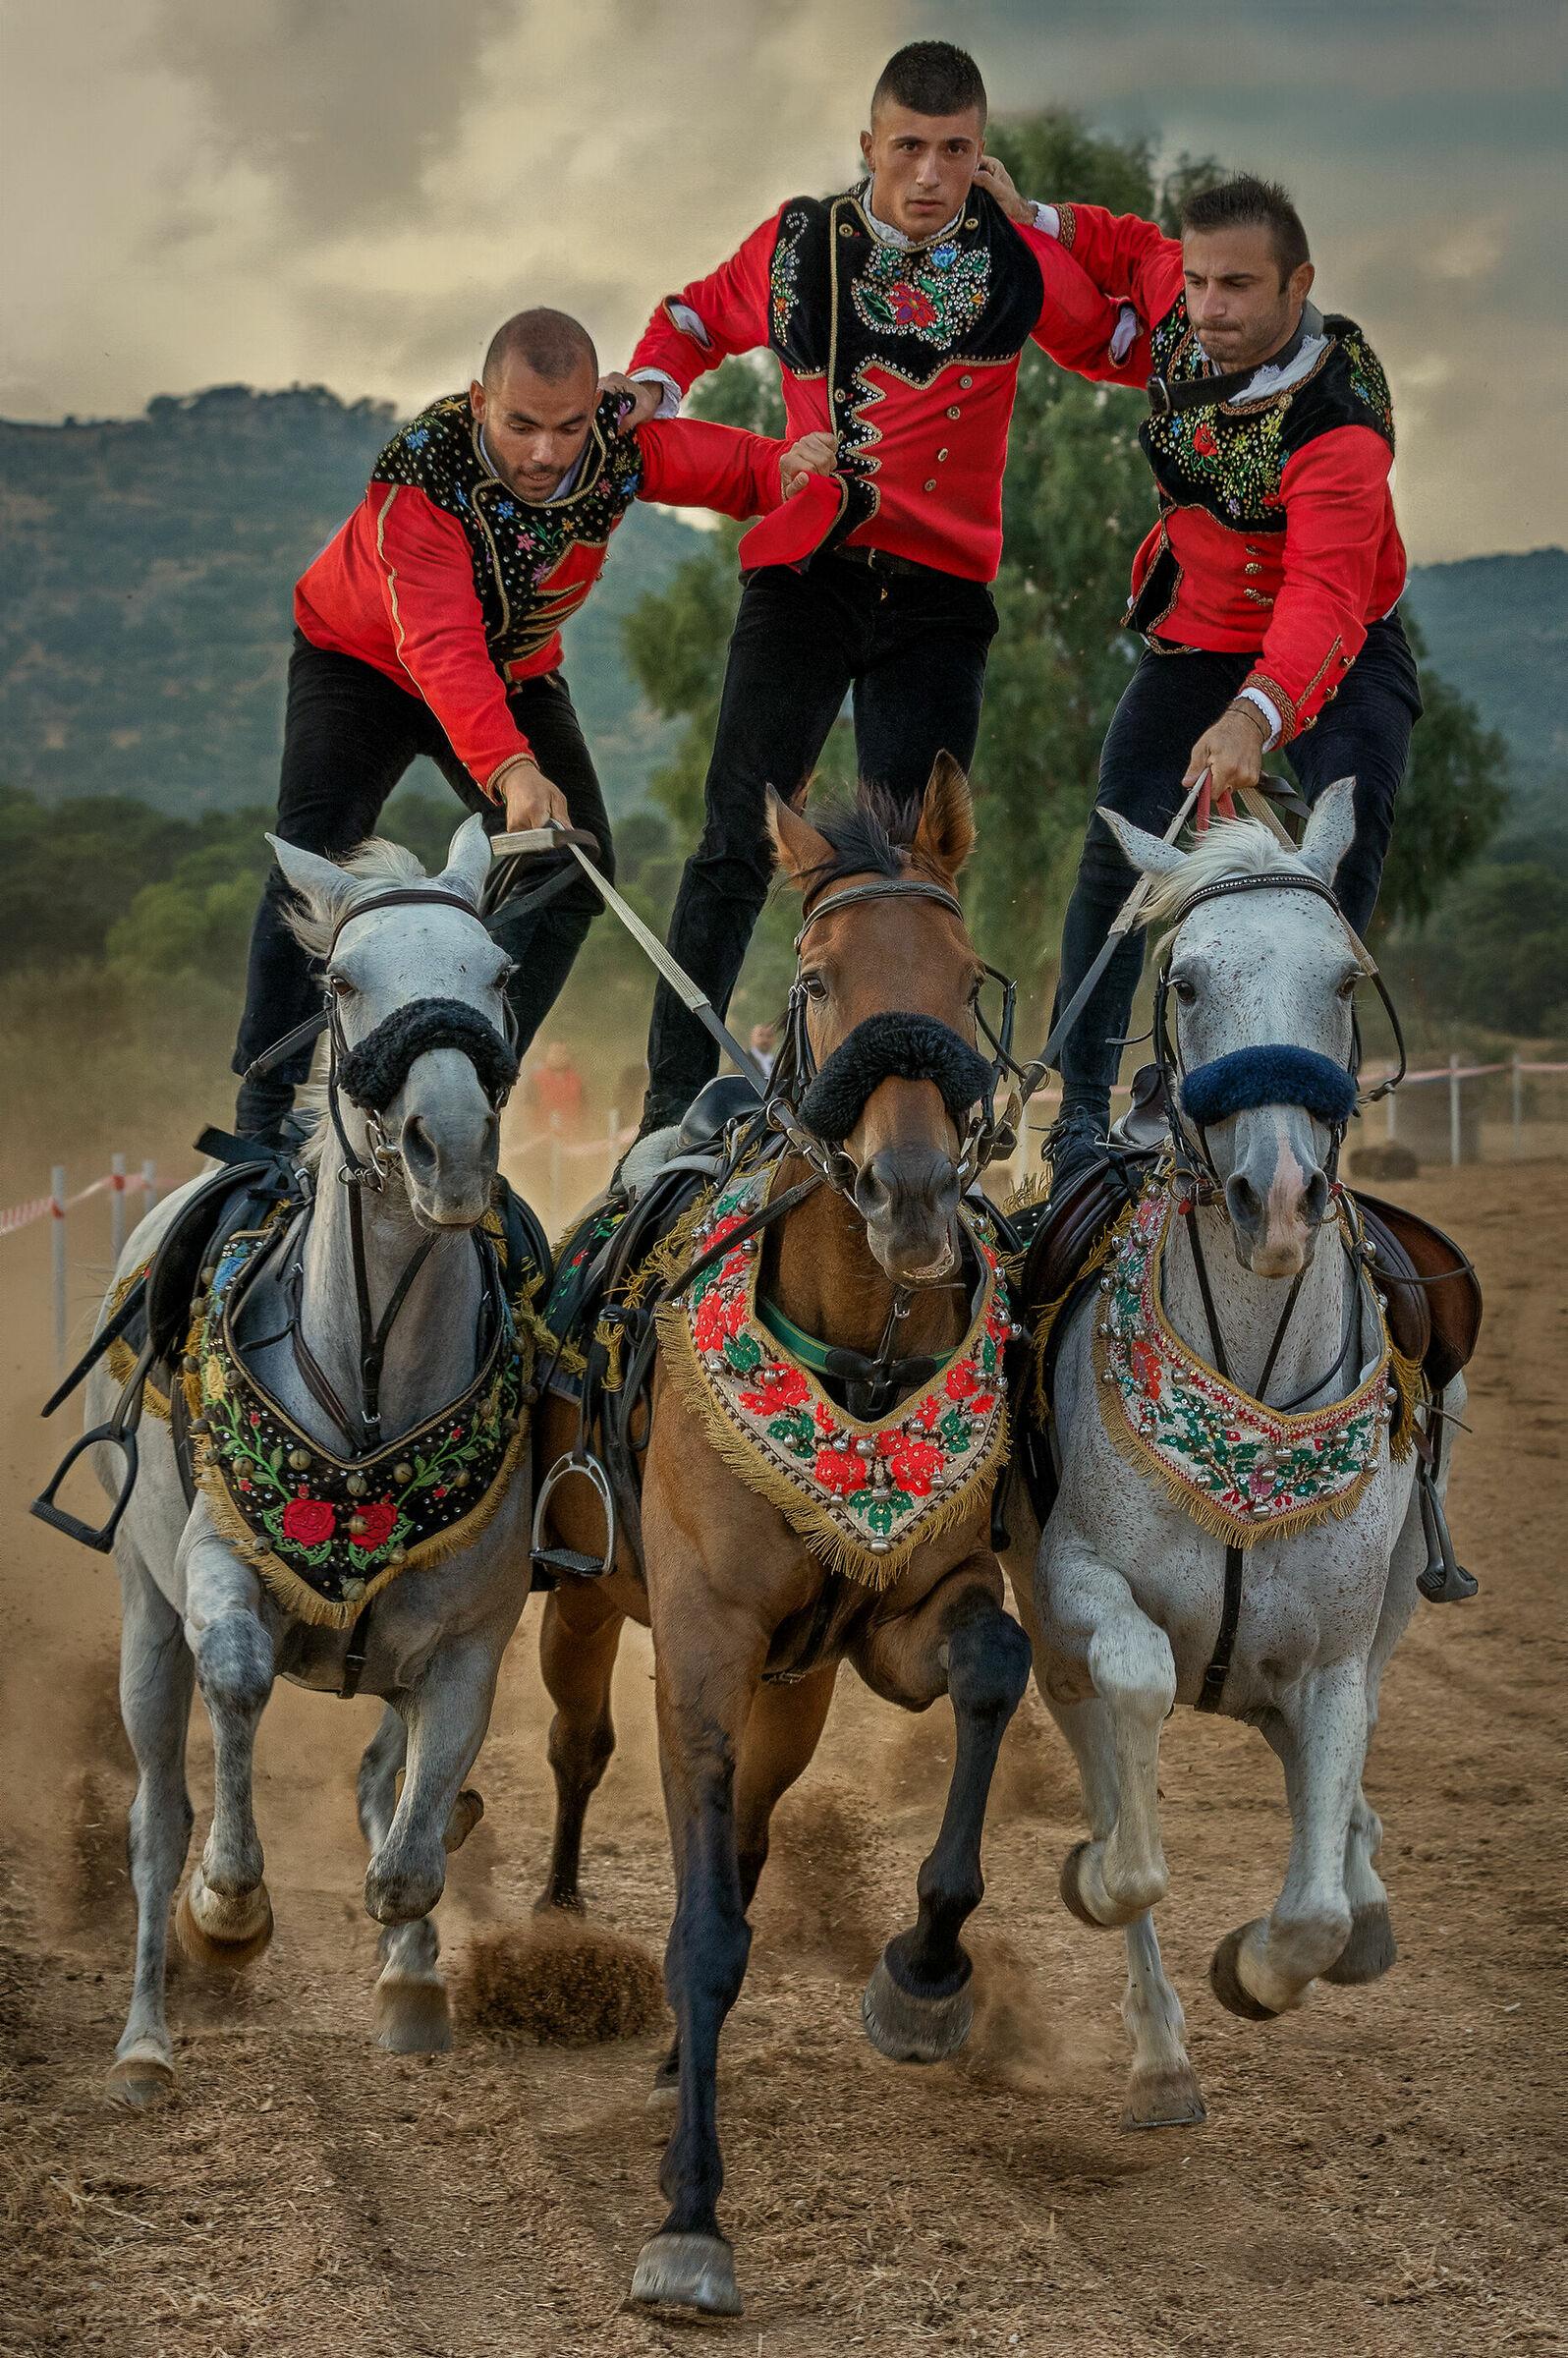 Horses and knights of Sardinia...